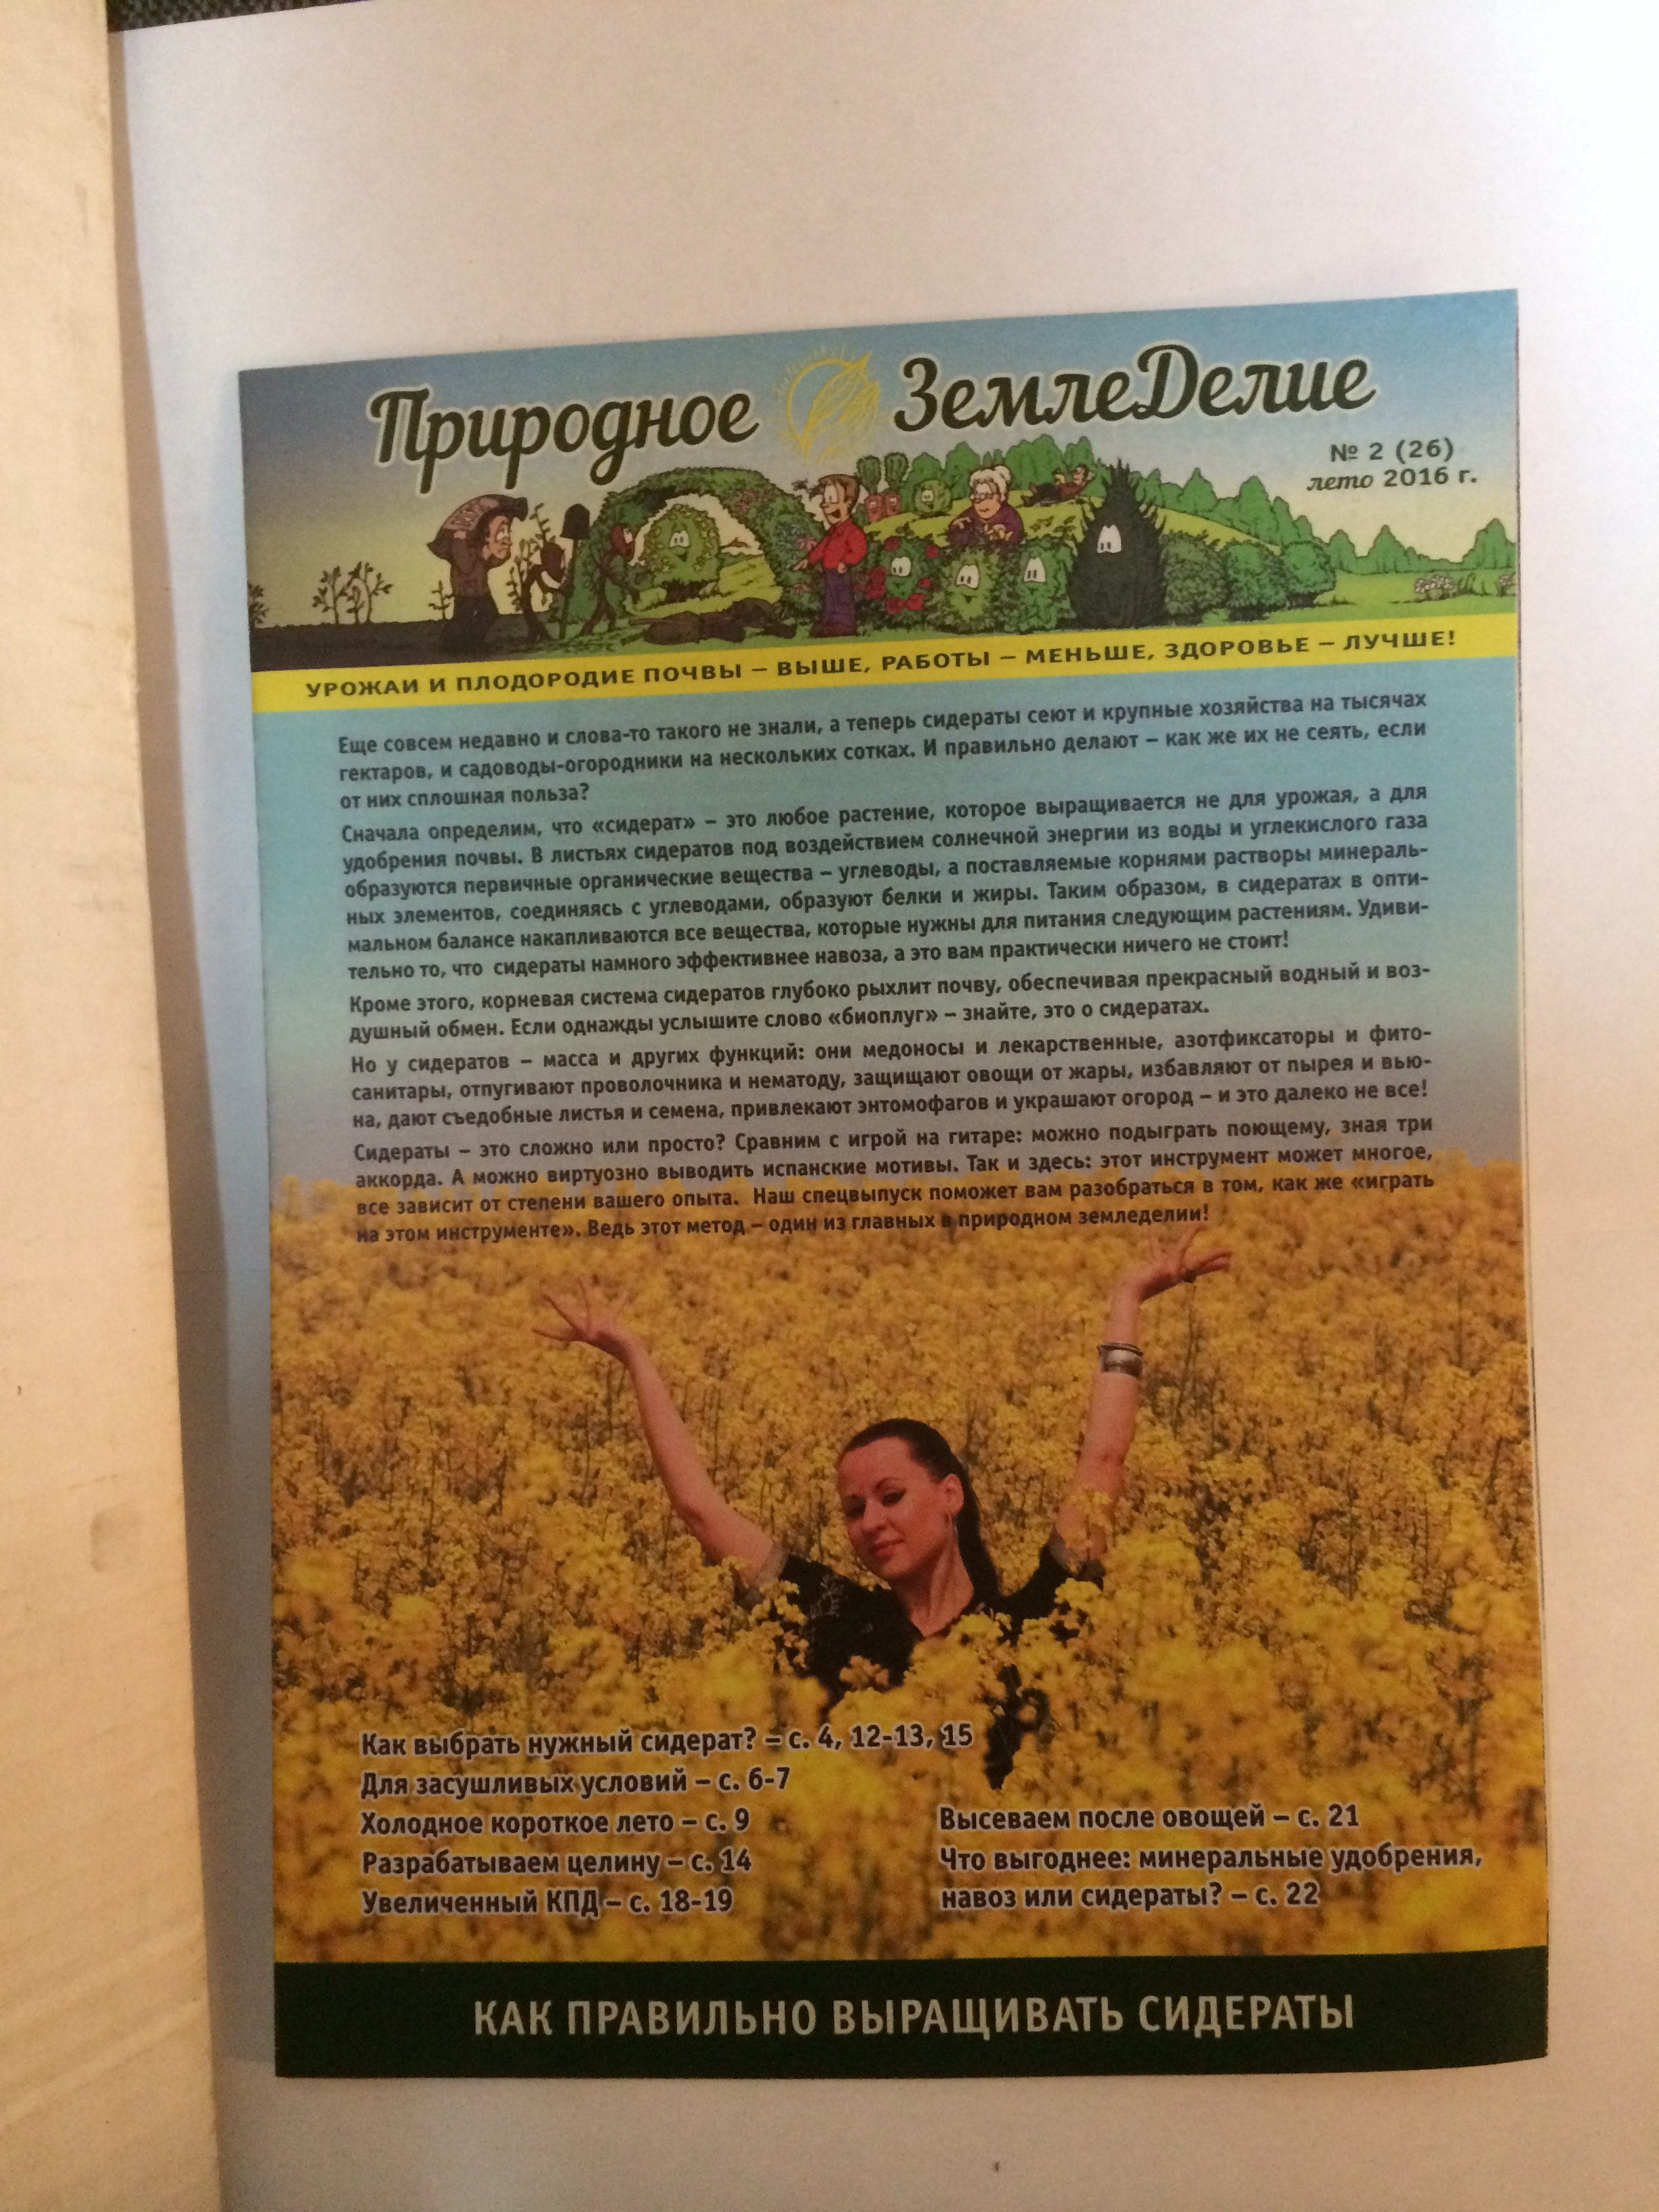 gazeta-prirodnoe-zemledelie (3)